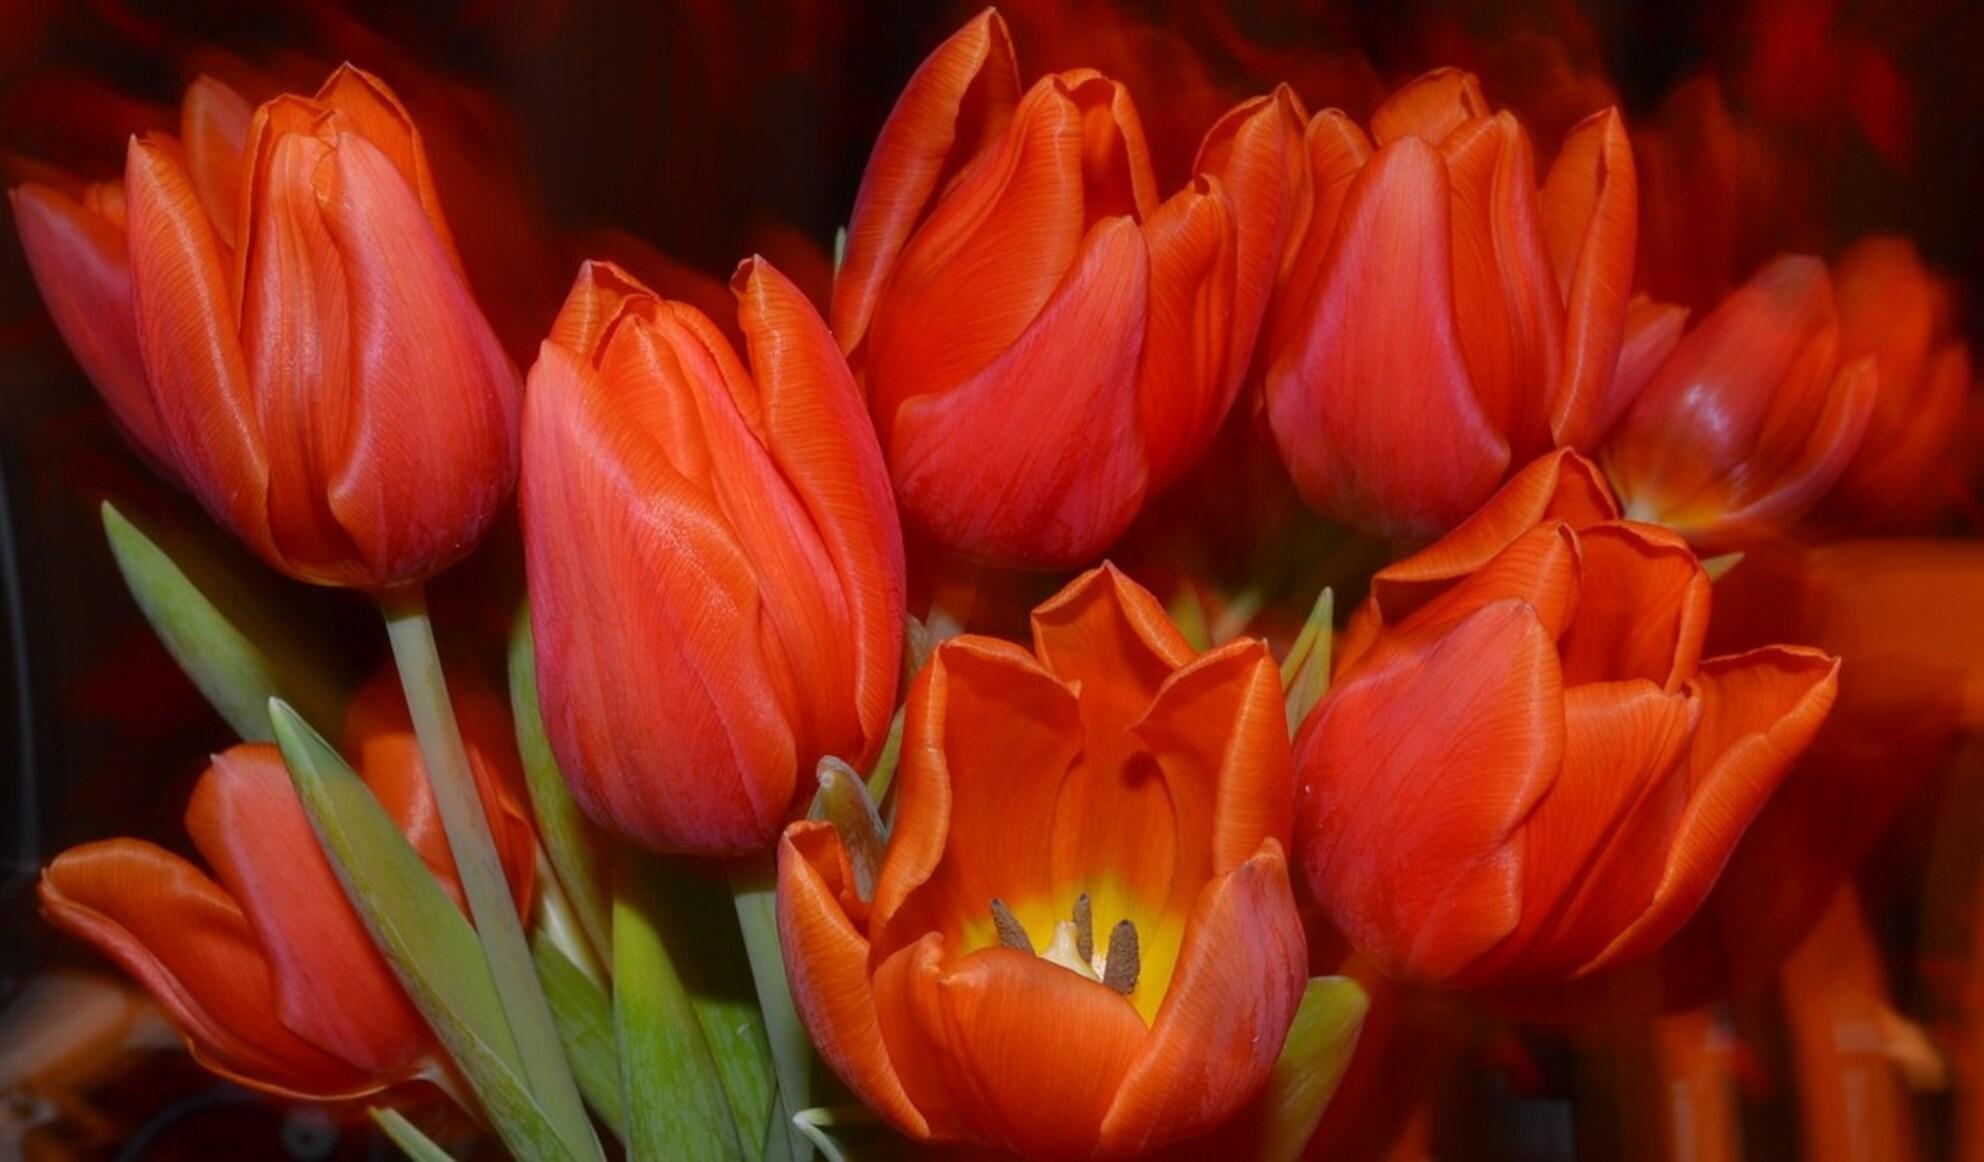 Tulips - tulpen - foto door sandres op 26-01-2012 - deze foto bevat: rood, tulpen, tulips - Deze foto mag gebruikt worden in een Zoom.nl publicatie